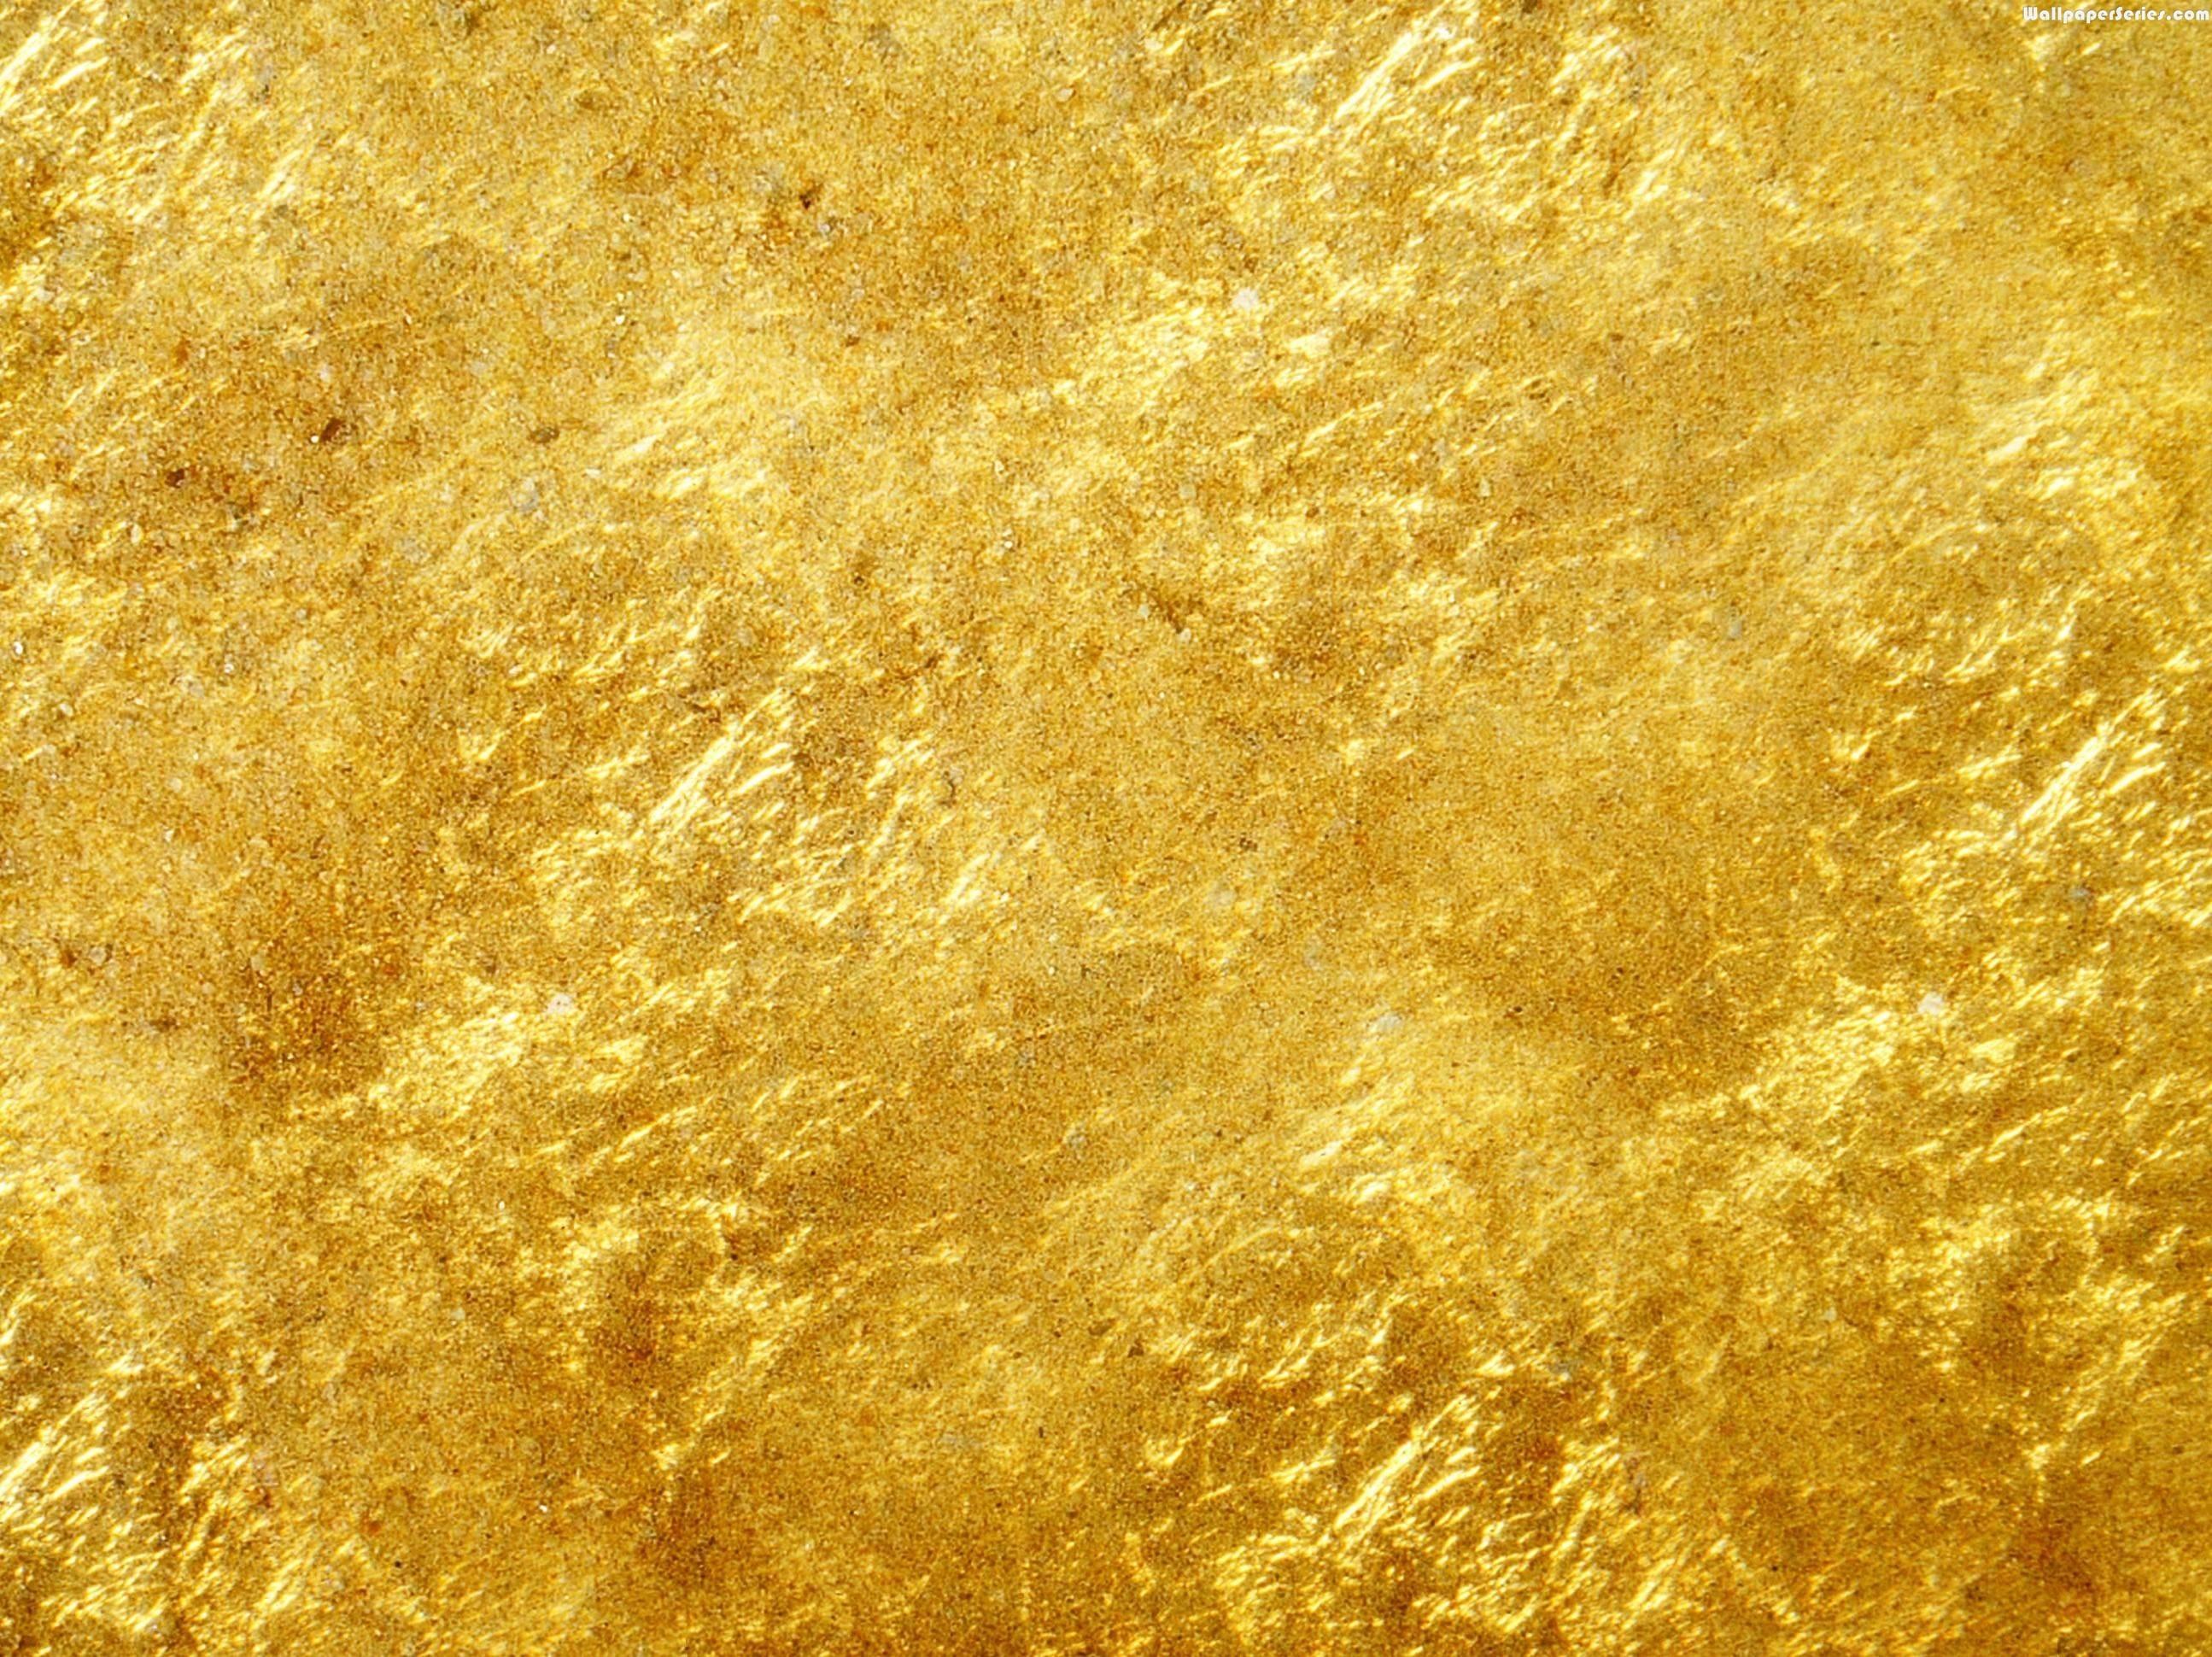 Gold Foil Wallpaper (49+ Images